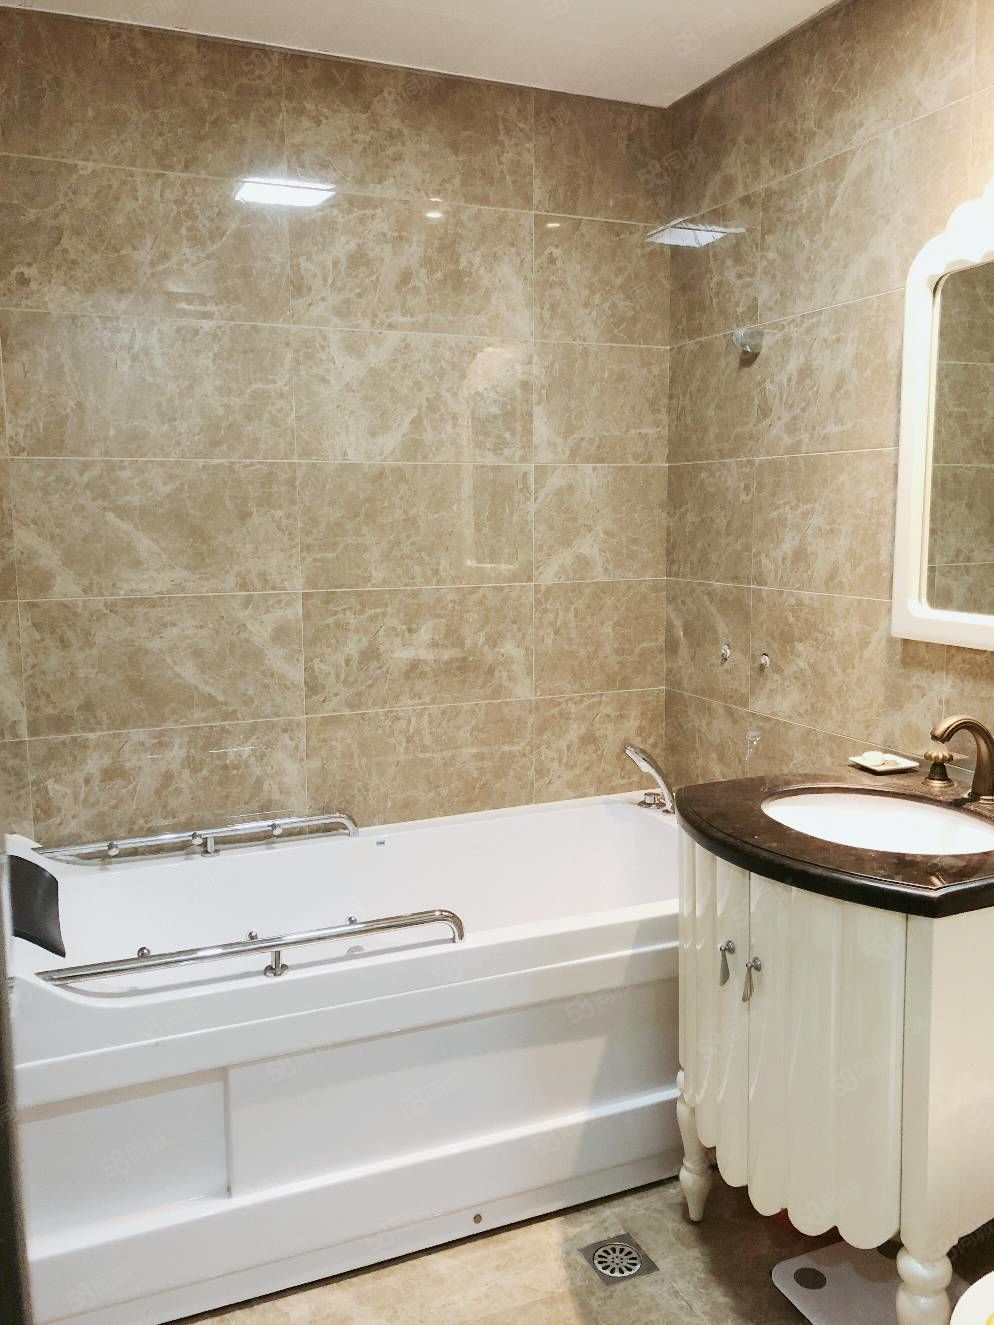 新报绿城玉兰花园141平方豪华装修位置楼层佳房东置换房子